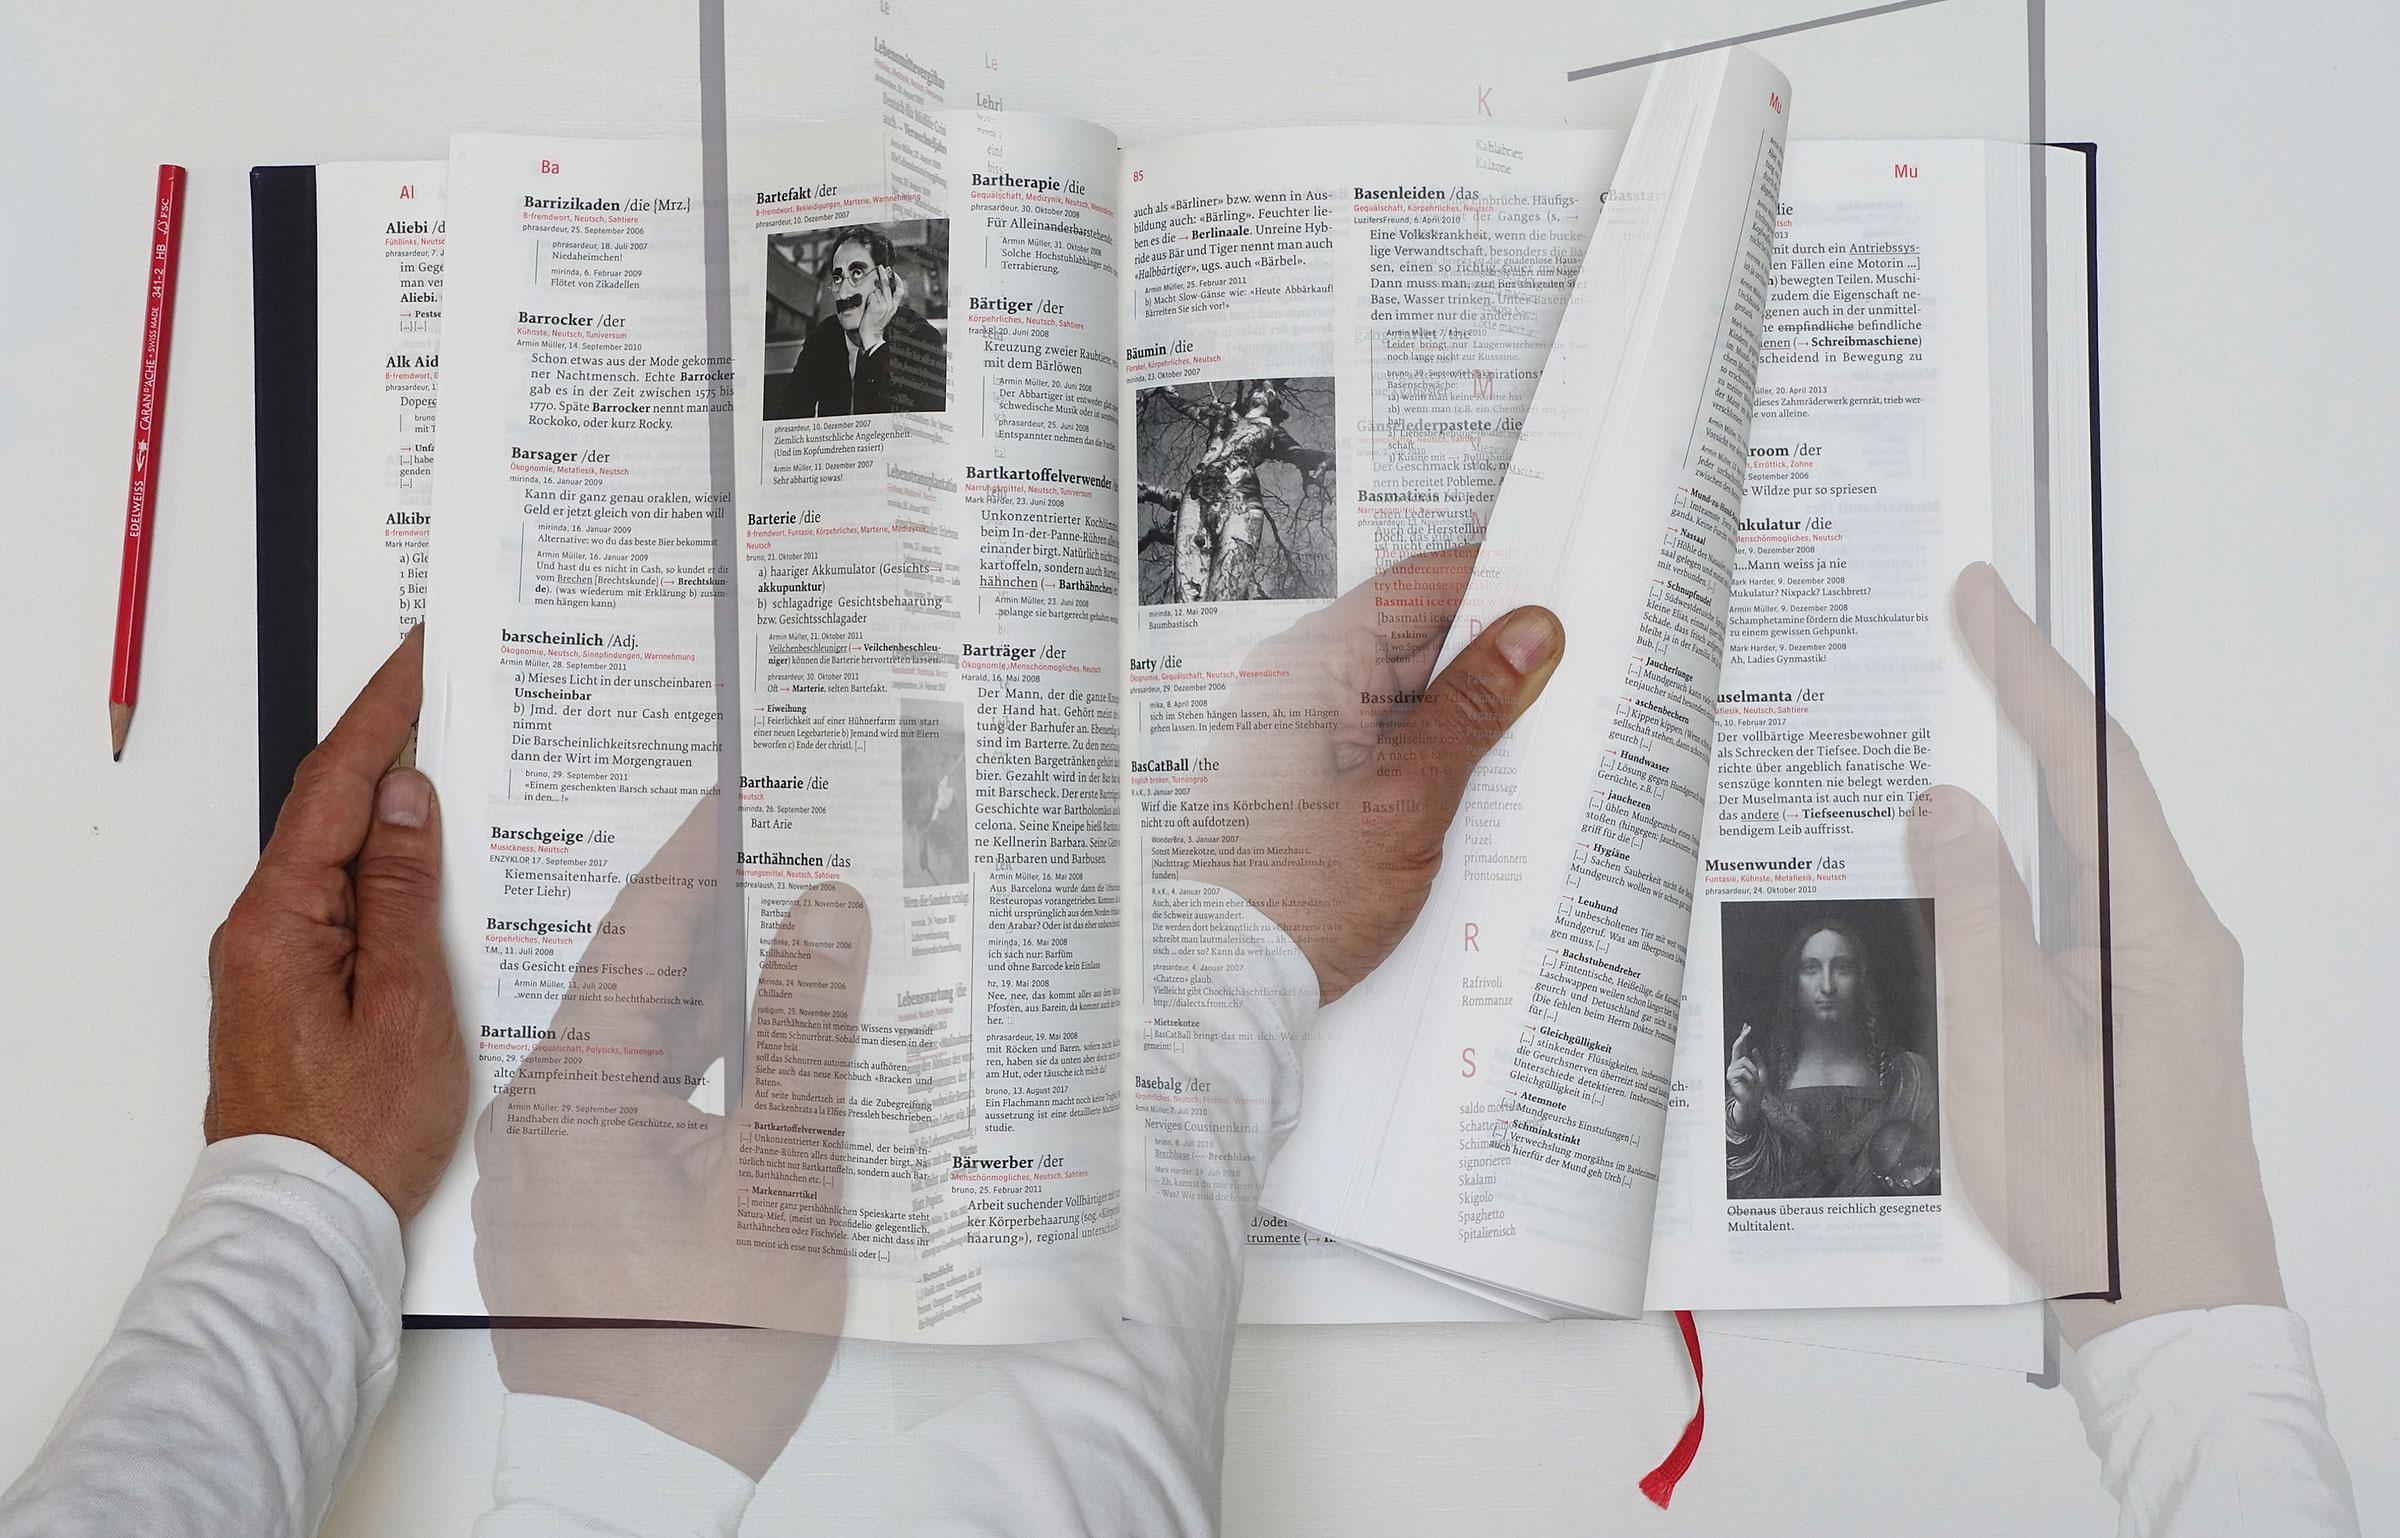 Thesaurus rex im Blättermodus Verlag der Gesunde Menschenversand 2016 René Gisler